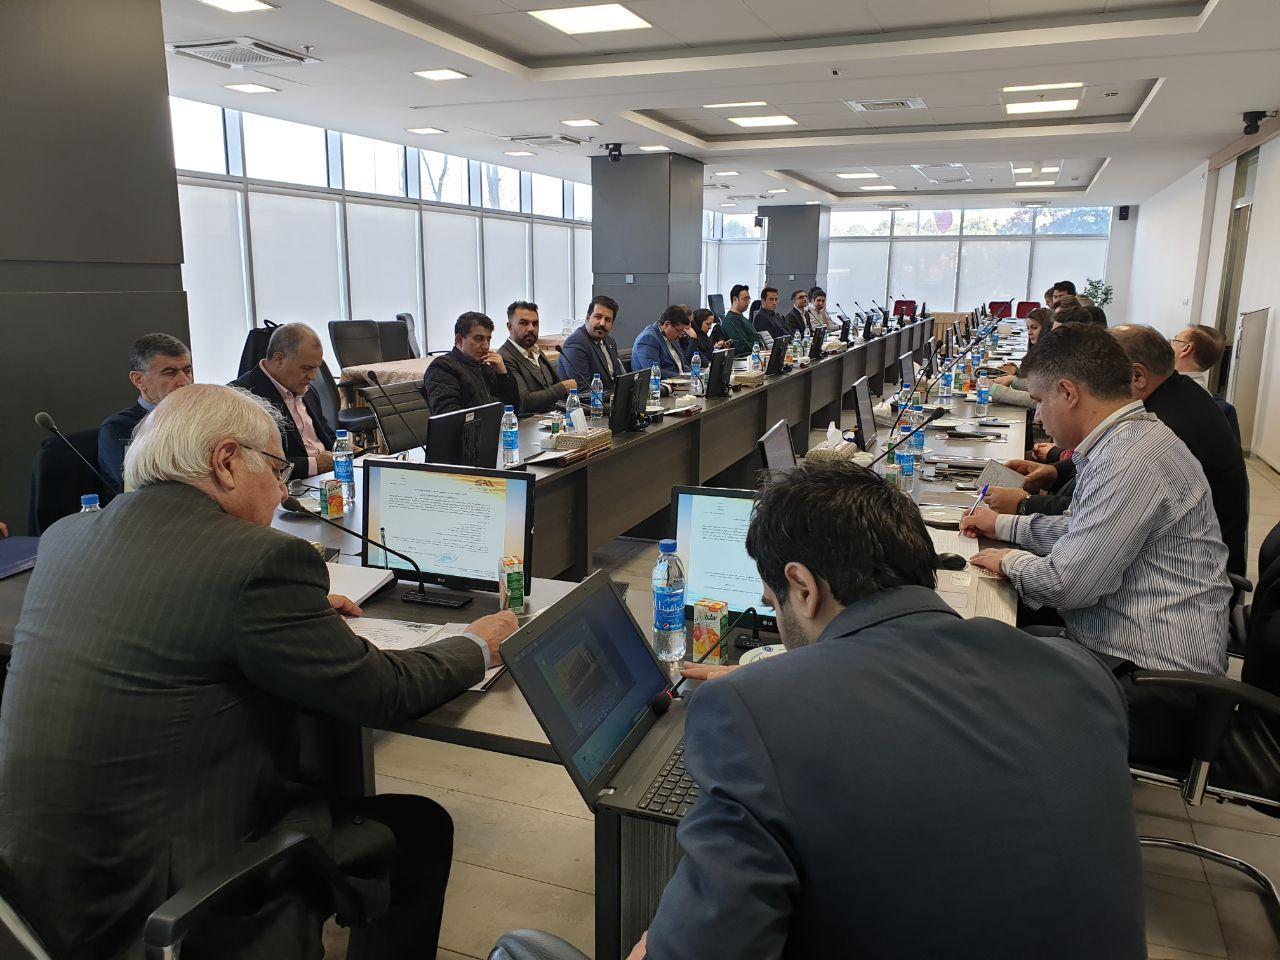 از عضو گیری ضعیف تا عدم پرداخت حق عضویتها در سال جاری/ نقش سندیکا در تعدیل قیمت آلومینیوم